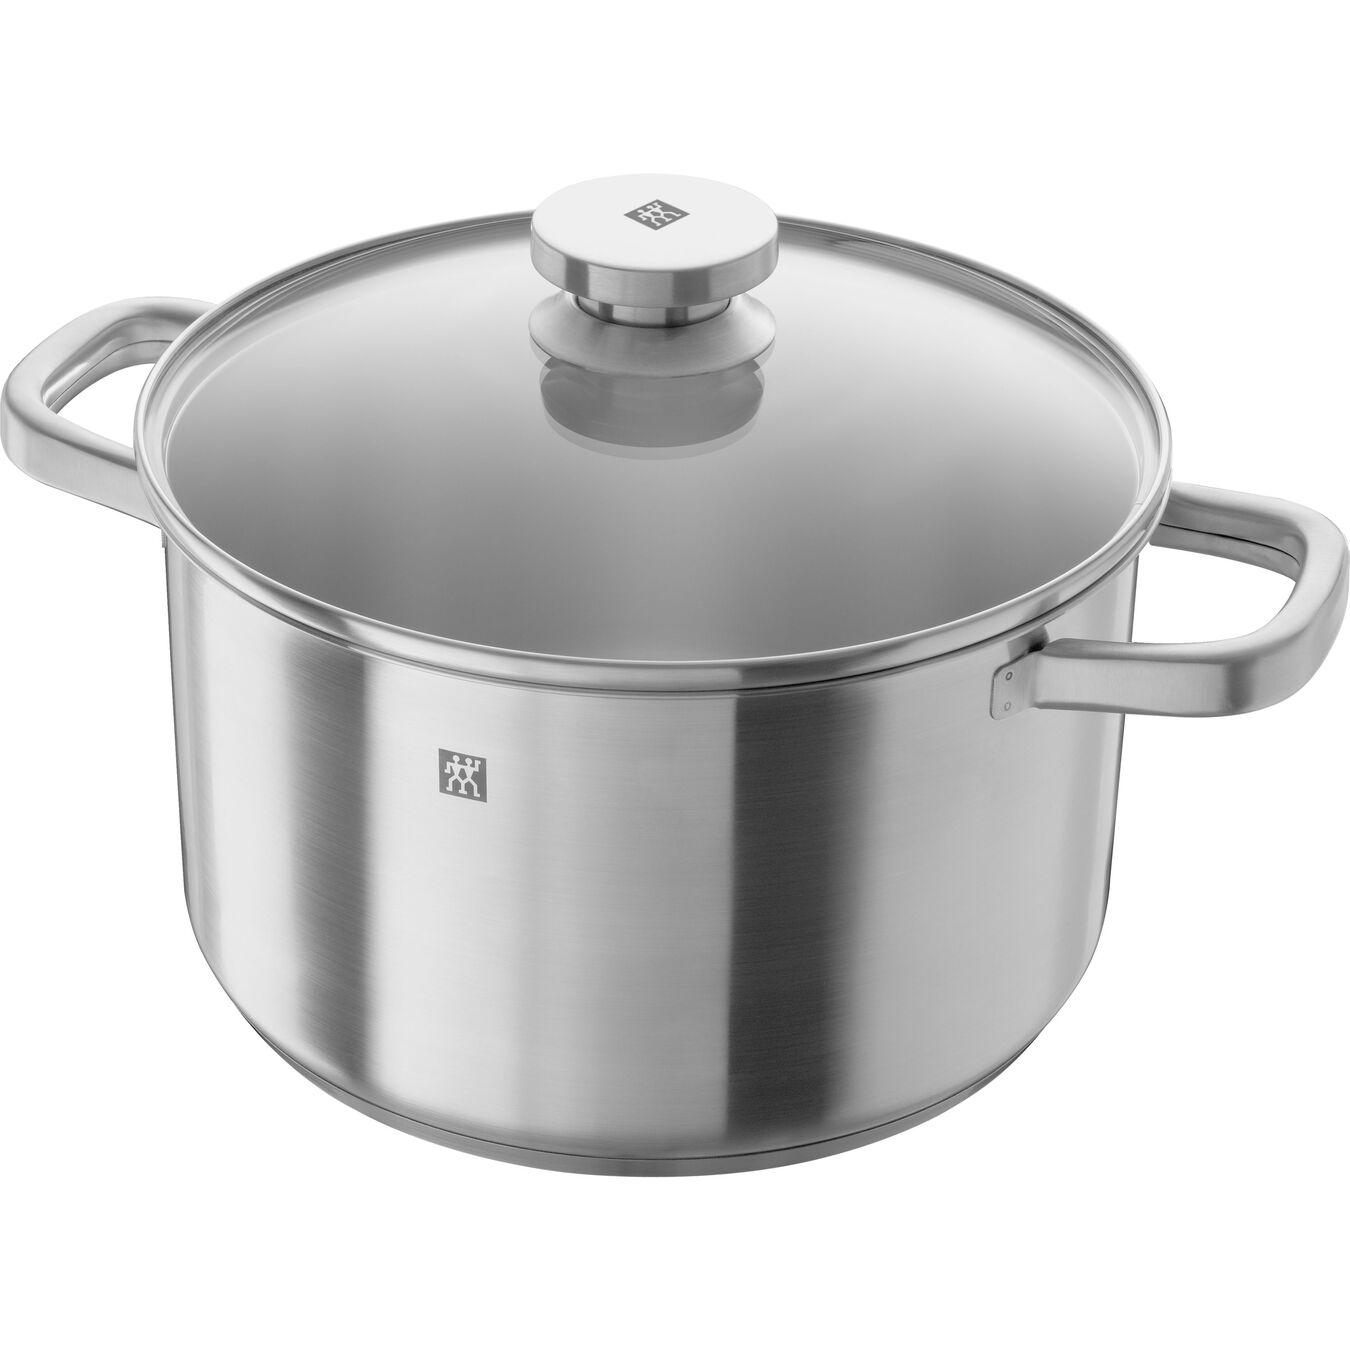 Ensemble de casseroles 3-pcs, Inox 18/10,,large 6